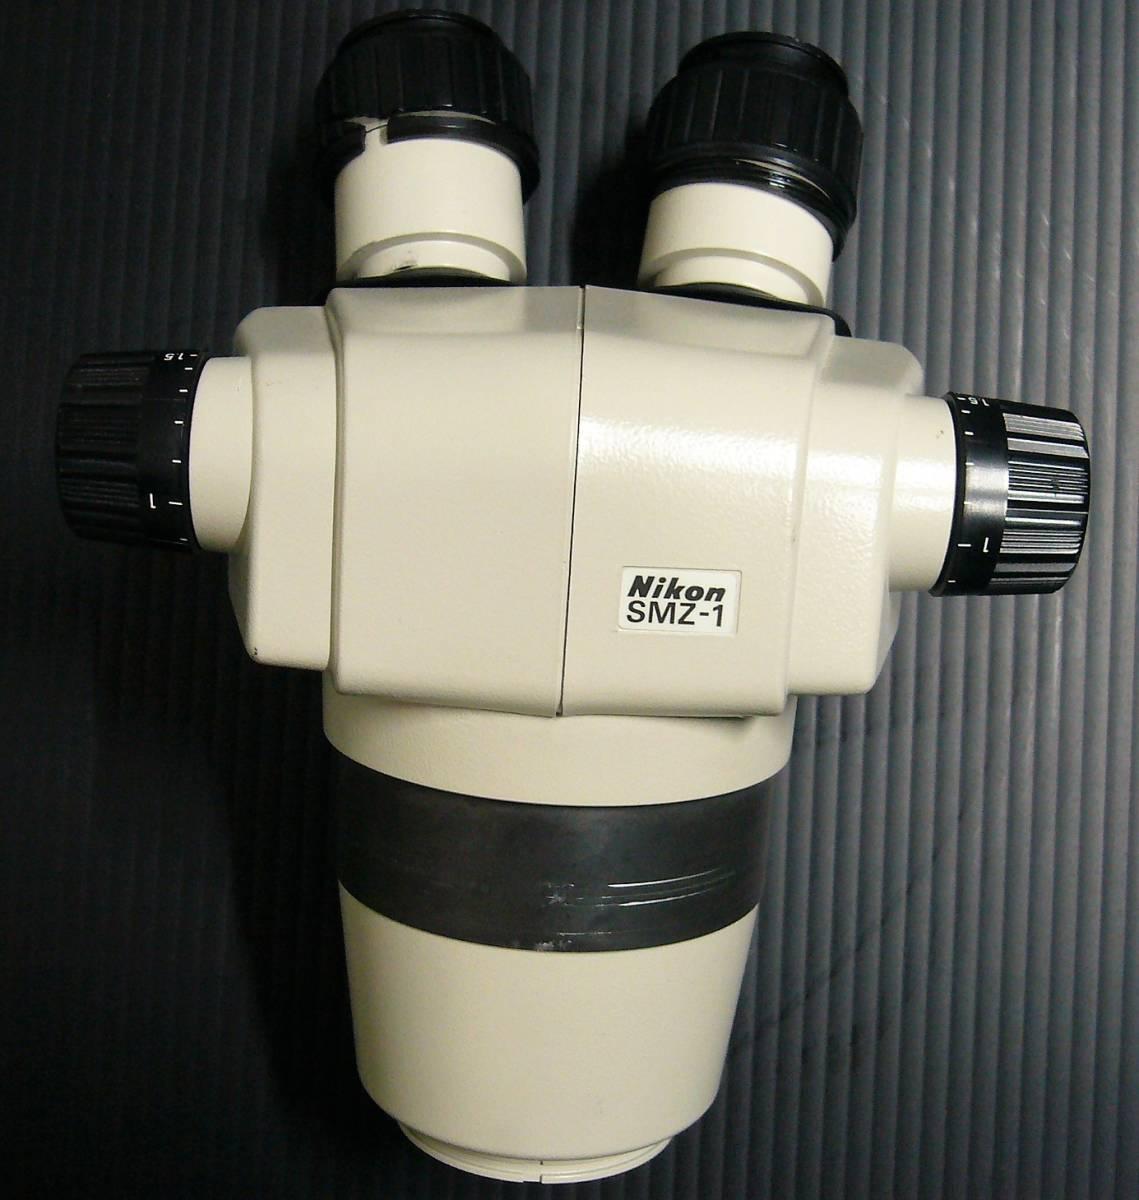 ニコン顕微鏡 SMZ-1 ジャンク